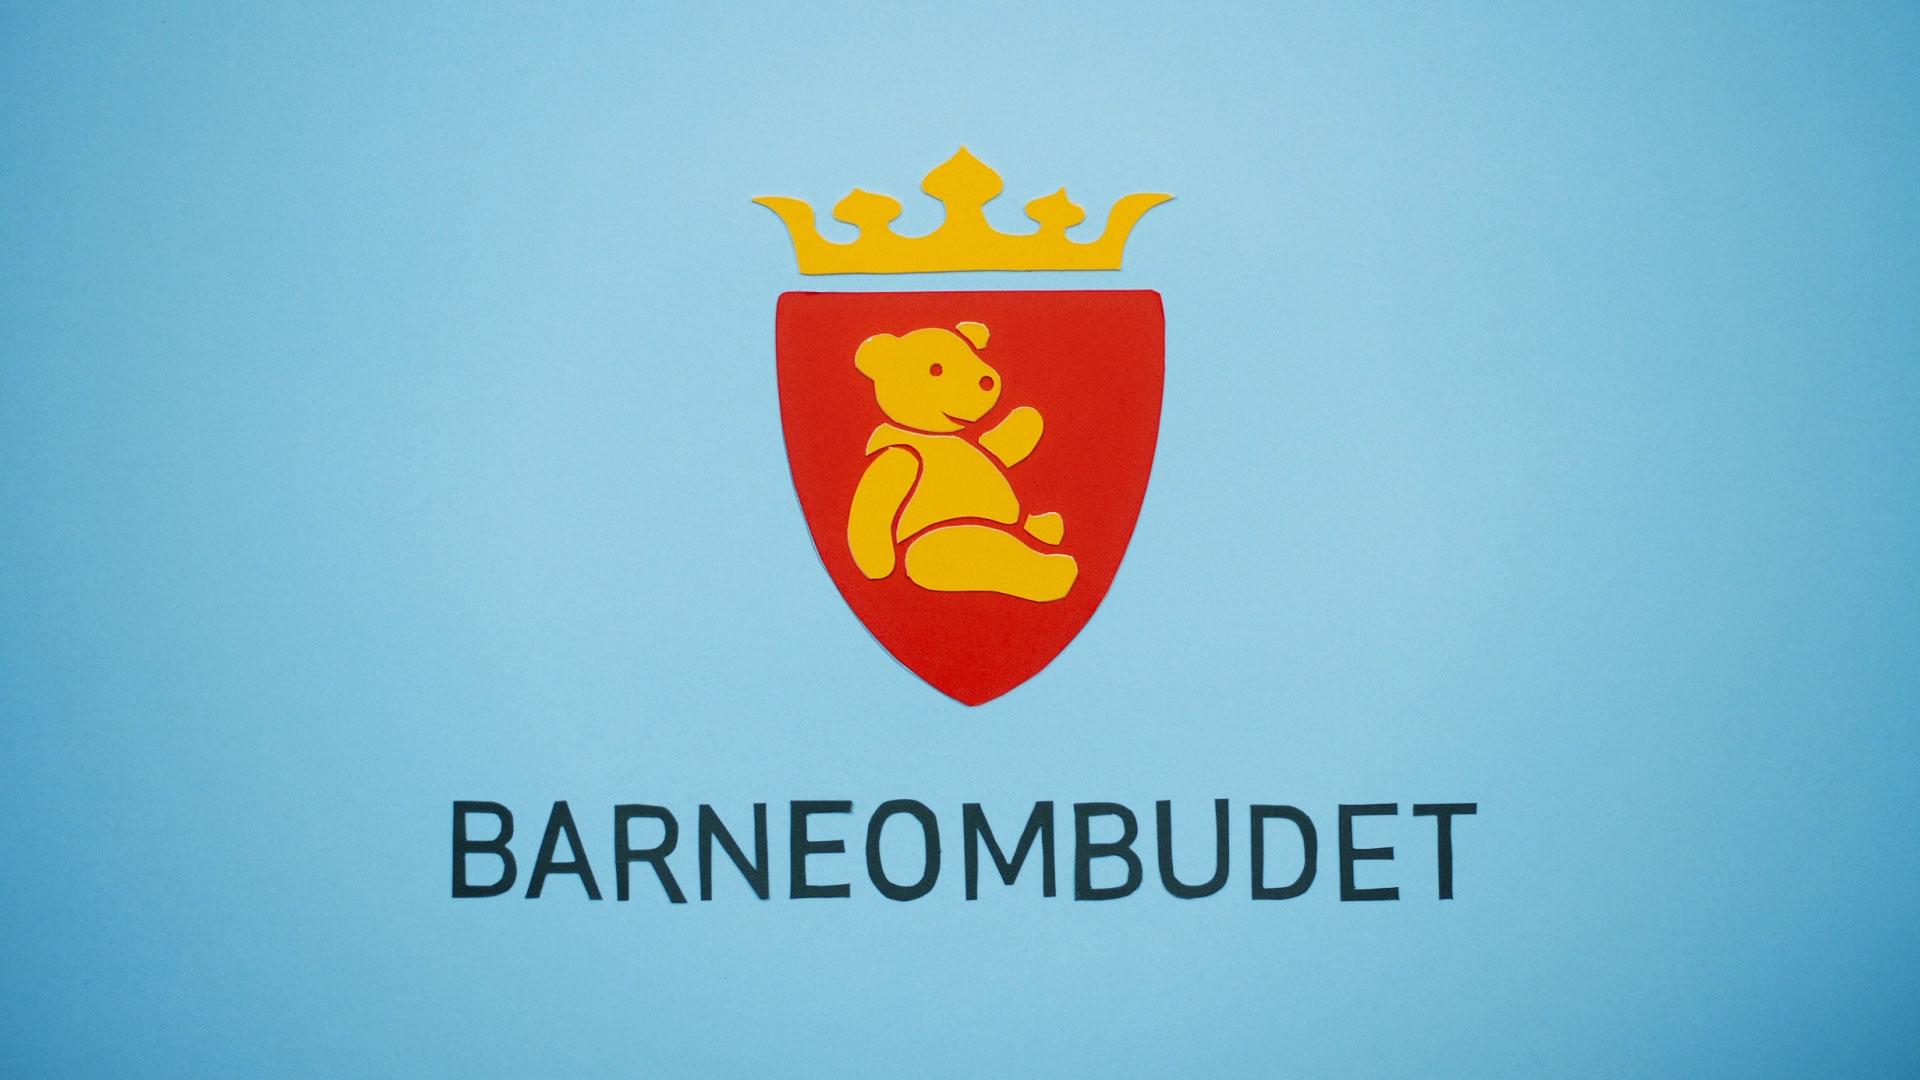 Barneombudet